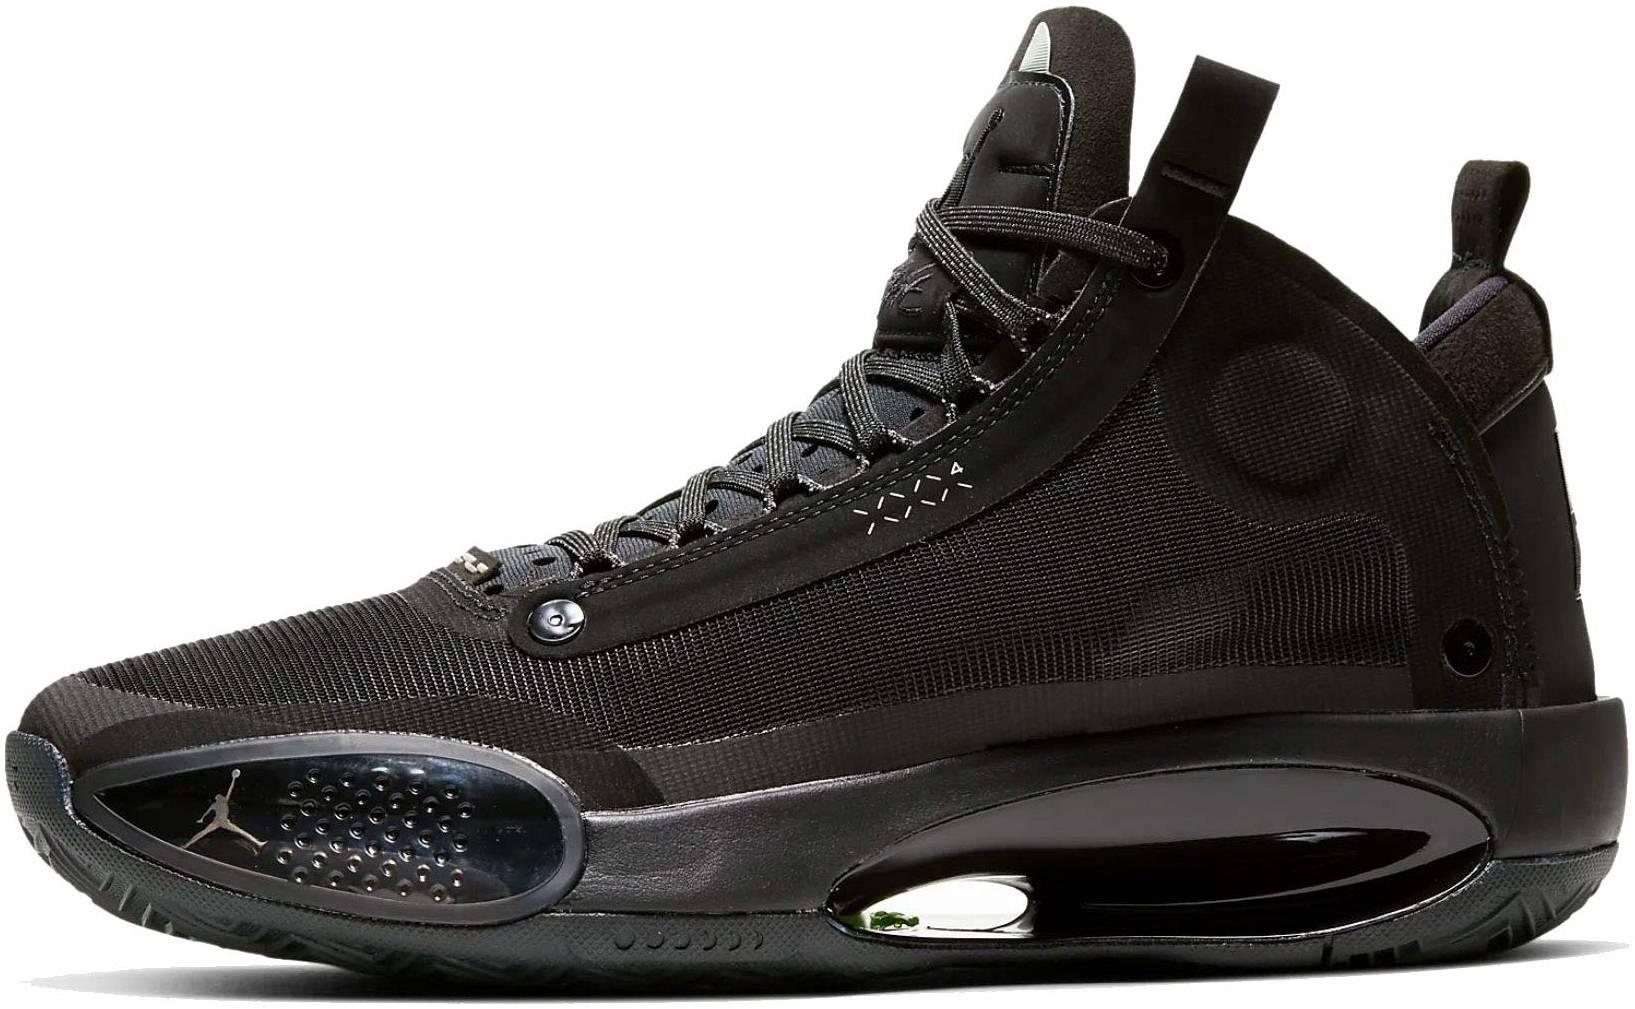 90 Jordan basketball shoes | RunRepeat